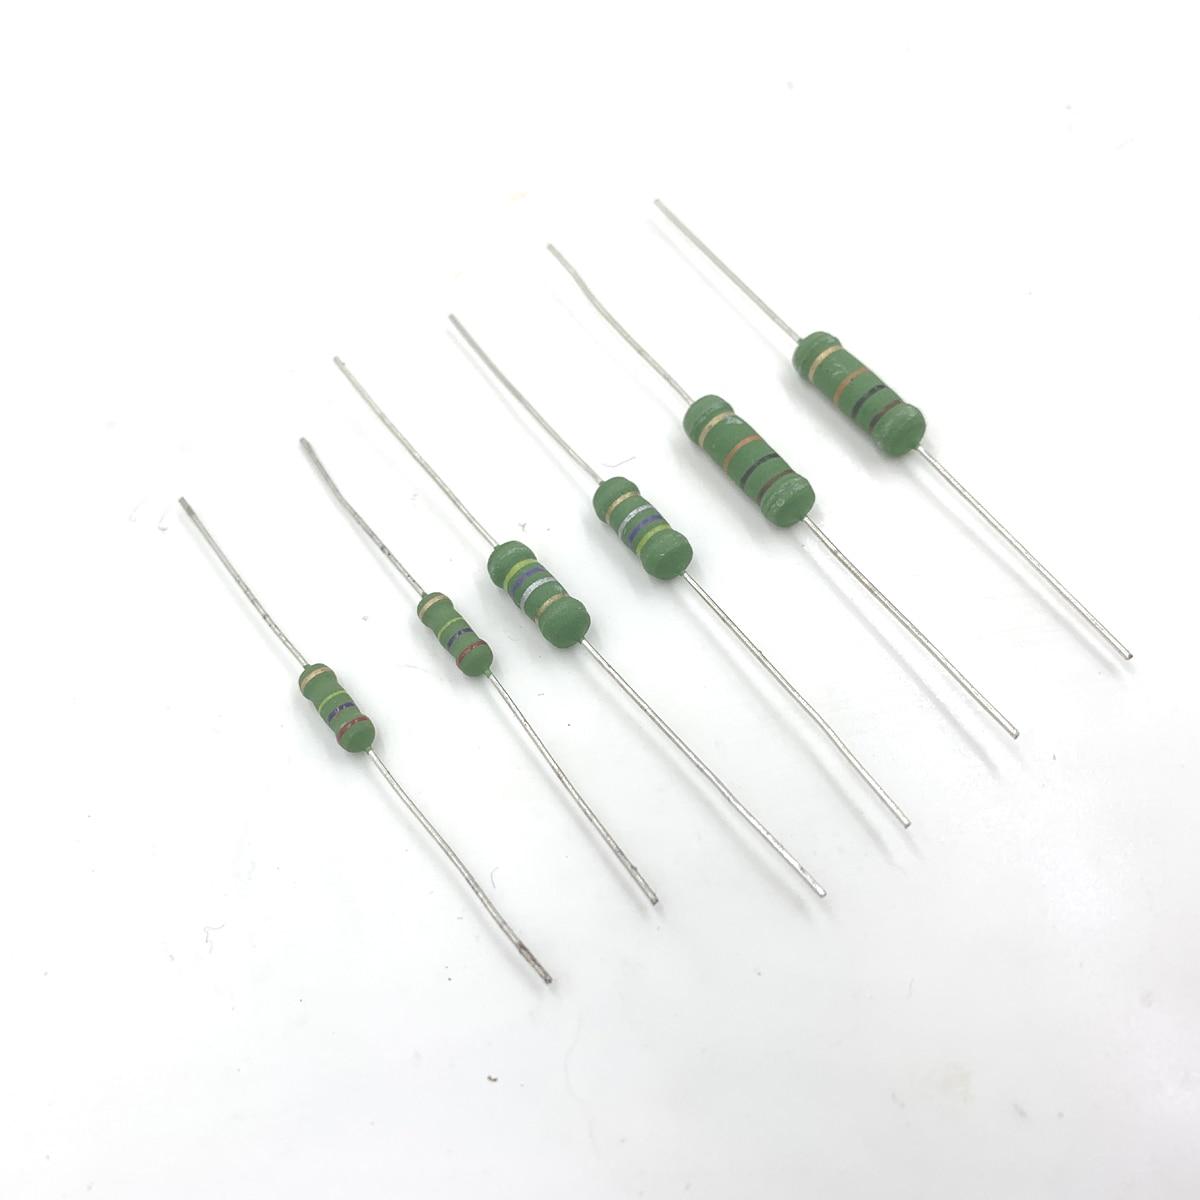 100 шт. 3 Вт 3WS 150R 180R 200R 150ohm 180ohm 200ohm 150 180 200 5x15 маленький металлоксидный пленочный резистор цветное кольцо сопротивление R ohm